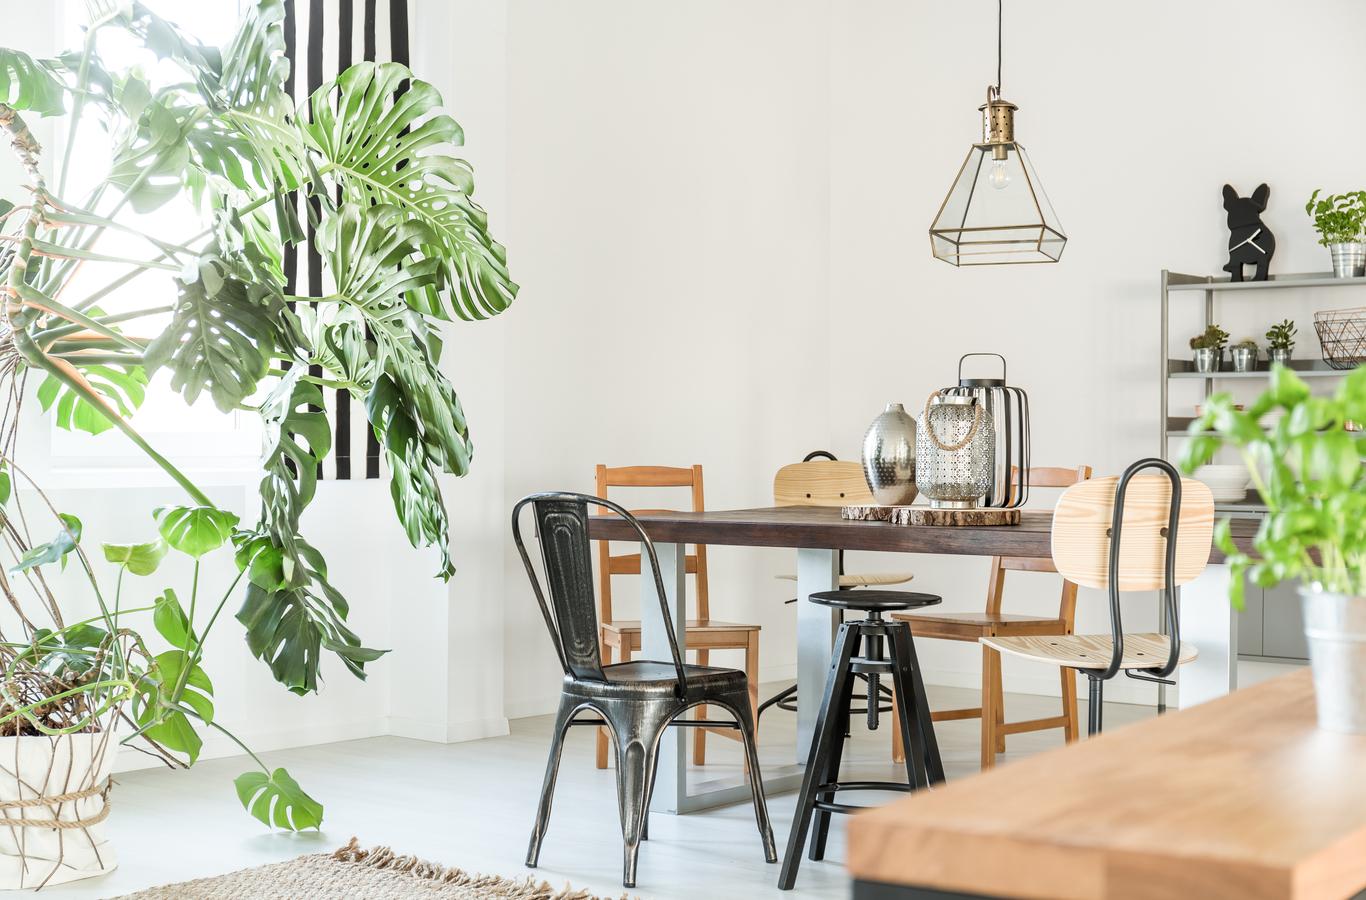 5 ideas para decorar tu casa con plantas